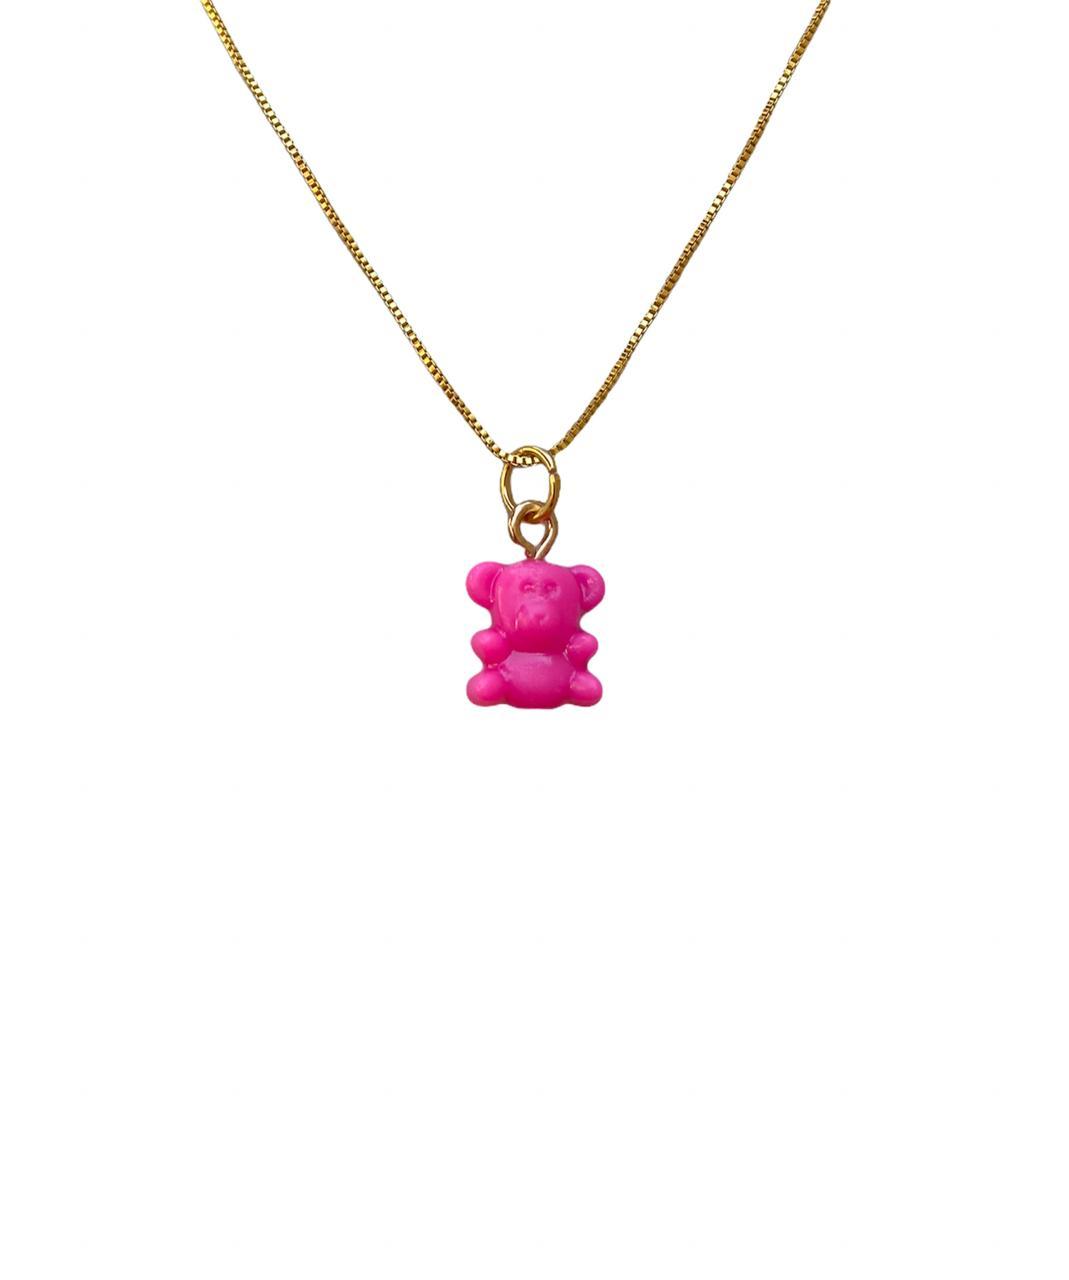 Colar com pingente de urso na cor rosa